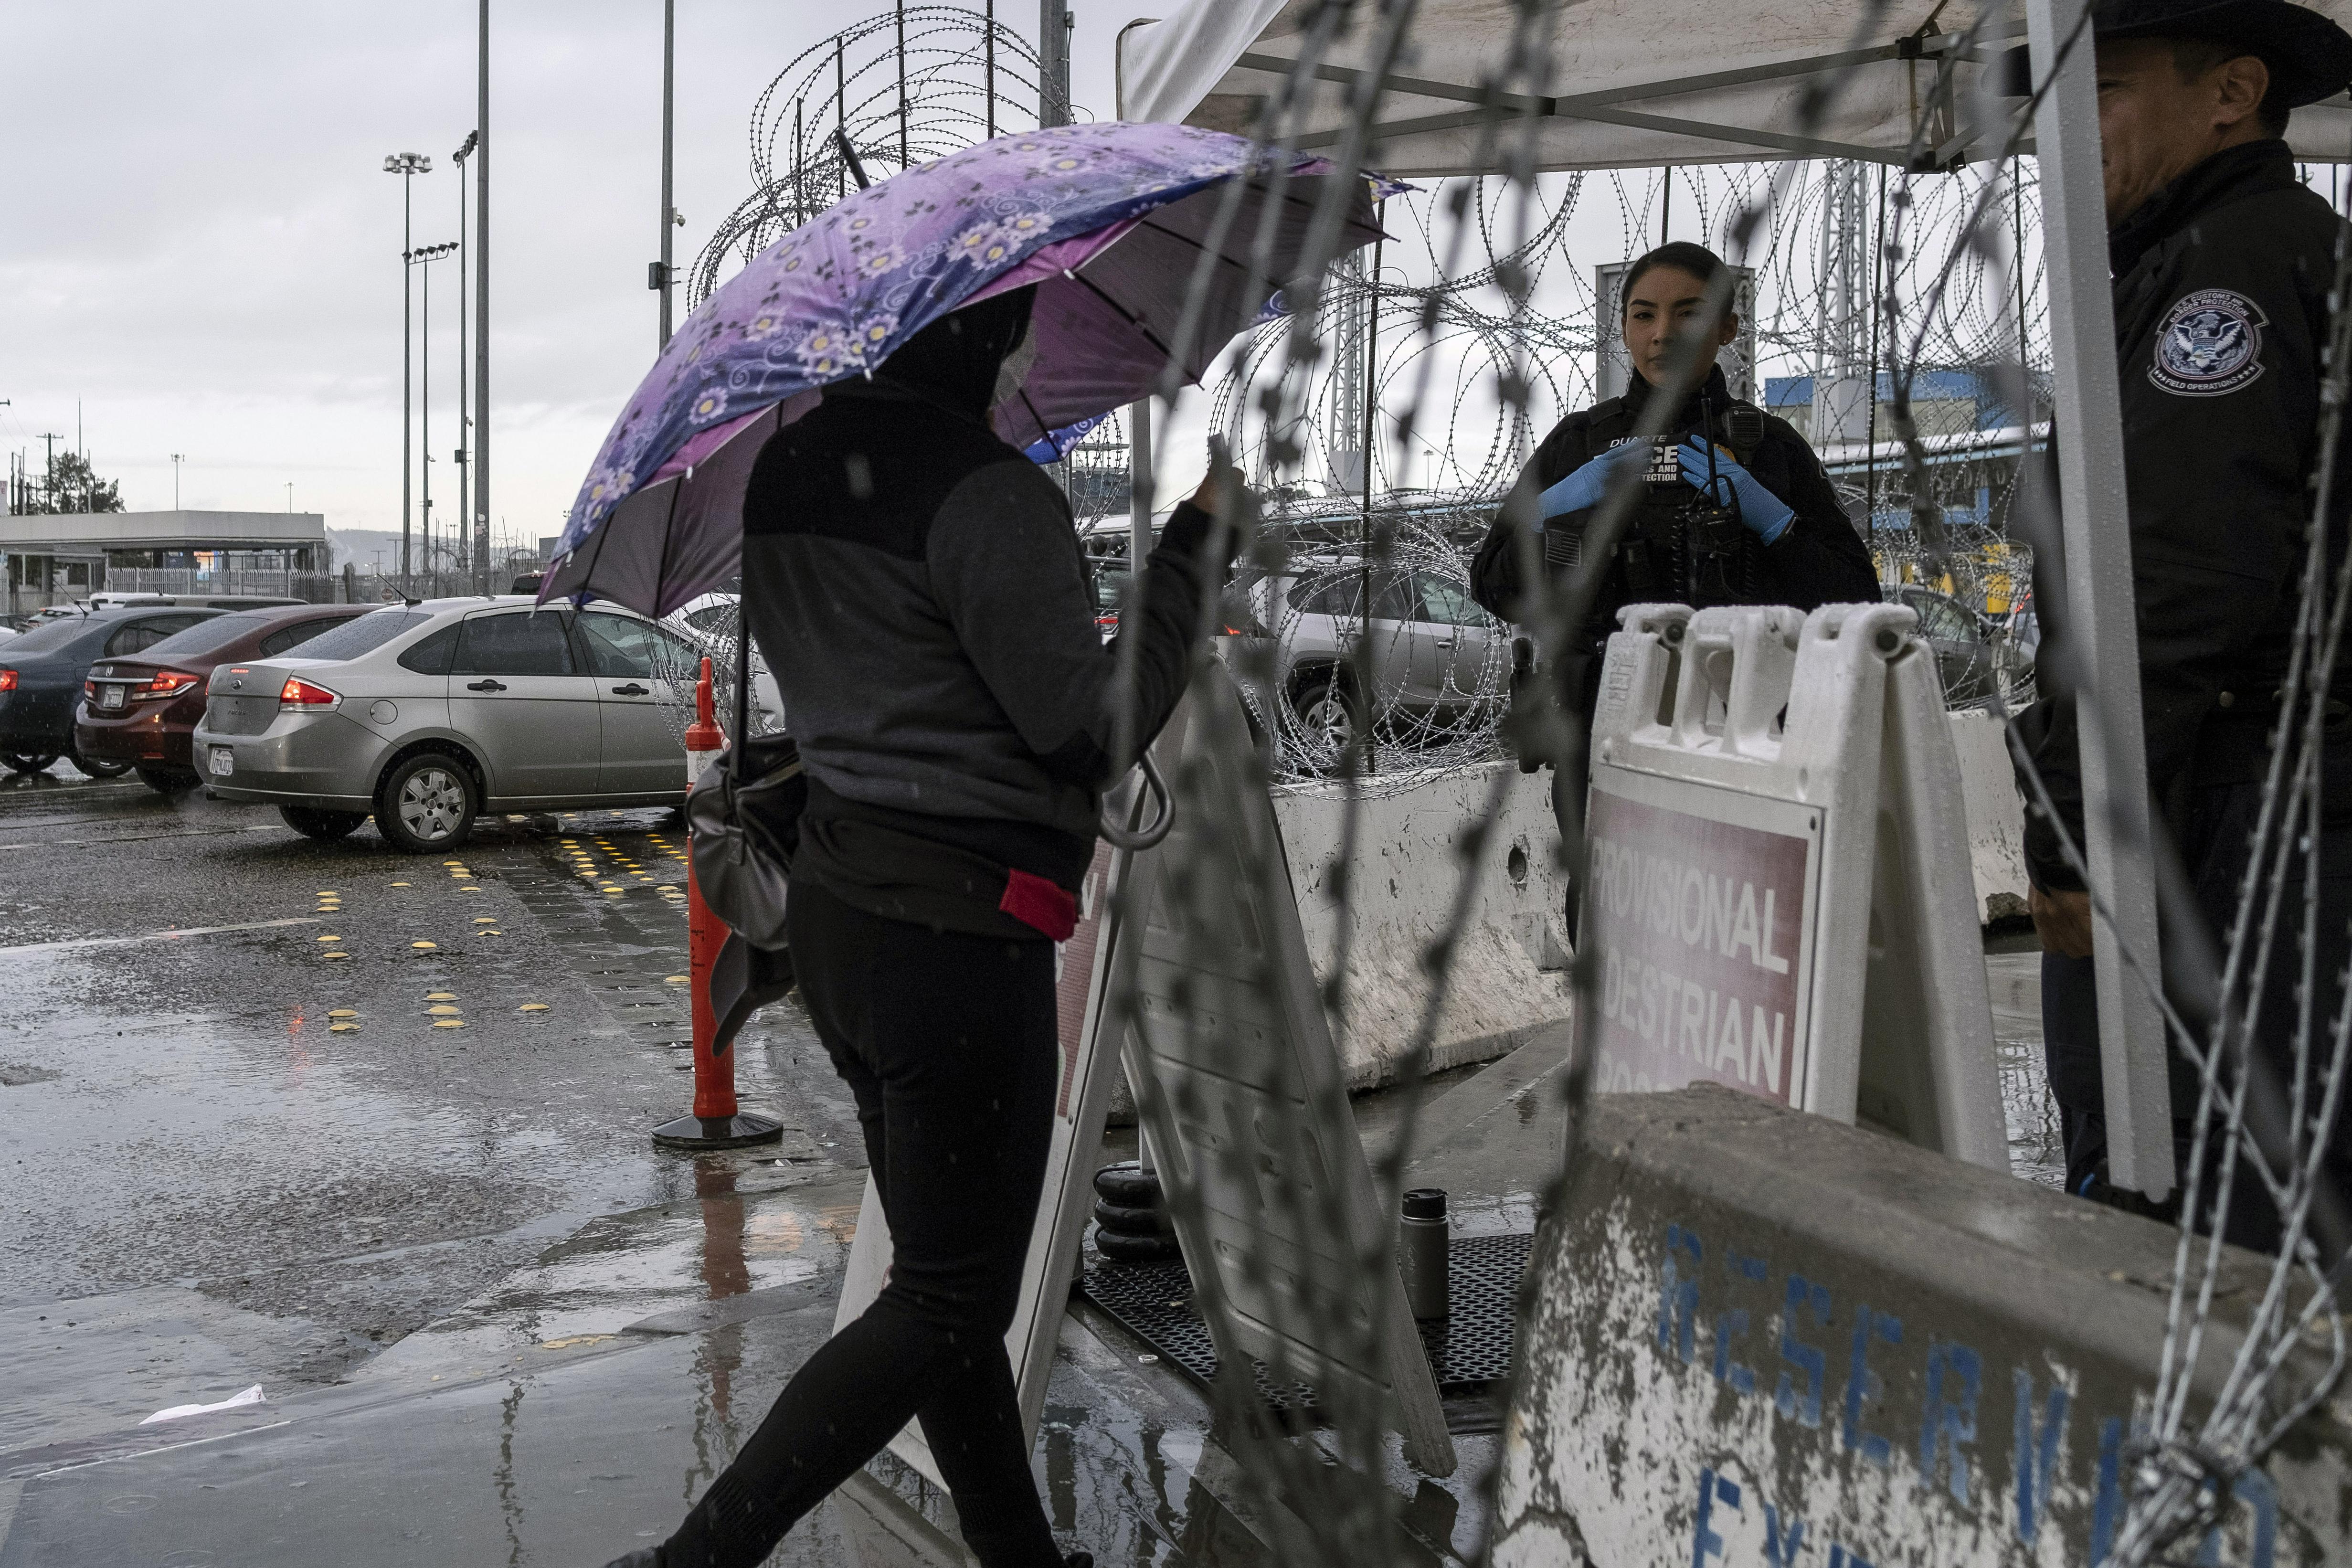 Una mujer que llevaba una máscara protectora muestra su documento a los agentes de Aduanas y Protección Fronteriza en el puerto de entrada de San Ysidro en la frontera entre Estados Unidos y México en Tijuana, estado de Baja California, México, el 19 de marzo de 2020.